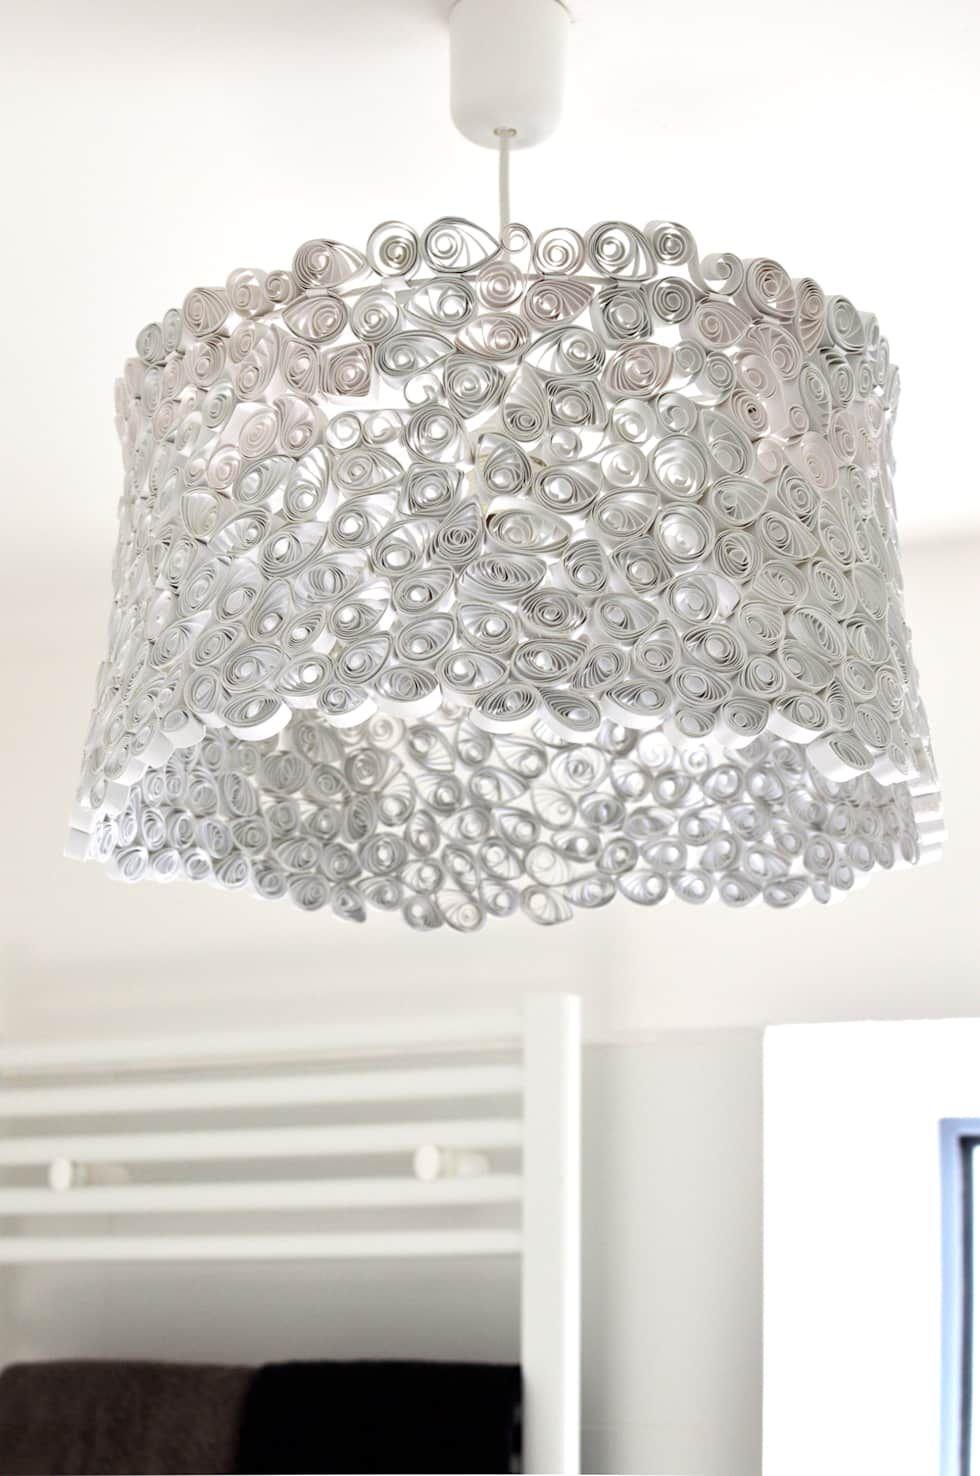 Diy Lampe Ausgefallene Badezimmer Von Kristina Steinmetz Design Papierlampen Selbstgemachte Lampenschirme Lampen Basteln